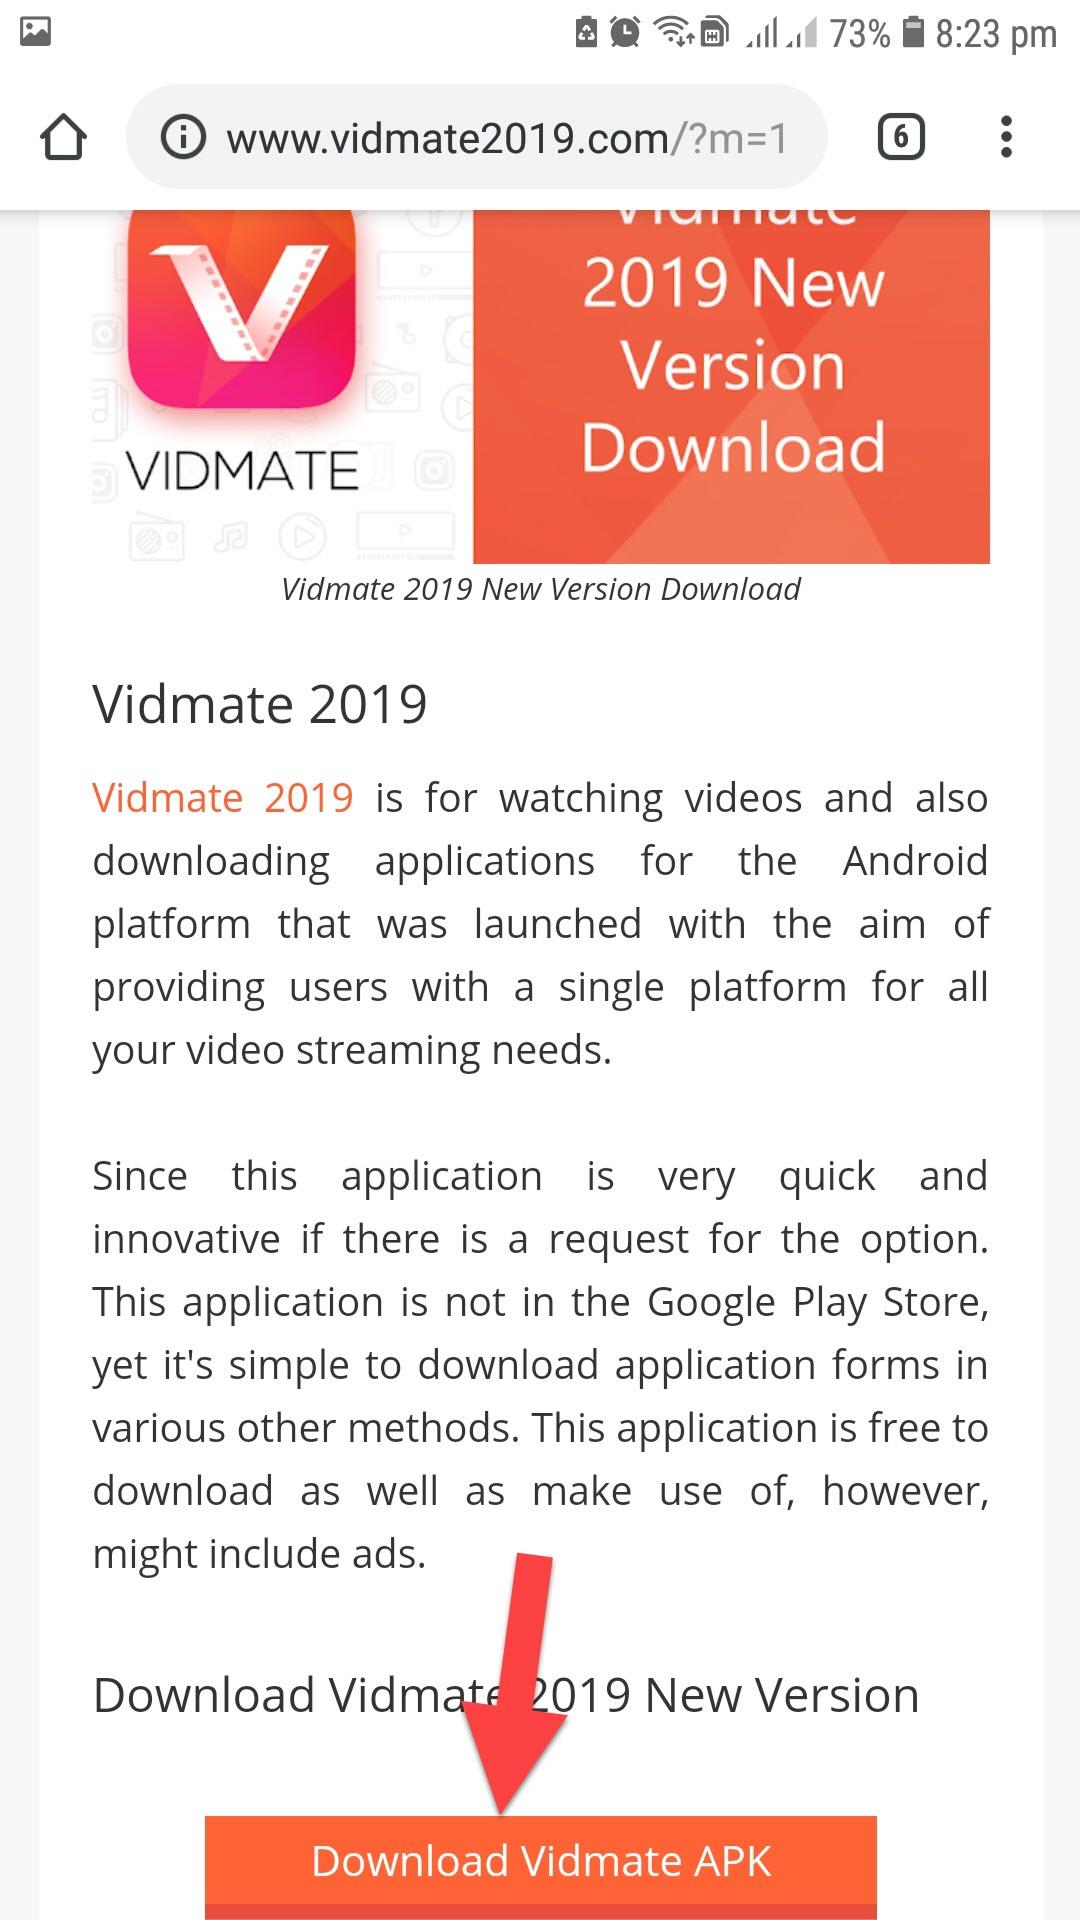 Vidmate apk download from google play store   Vidmate 3 42 APK Free